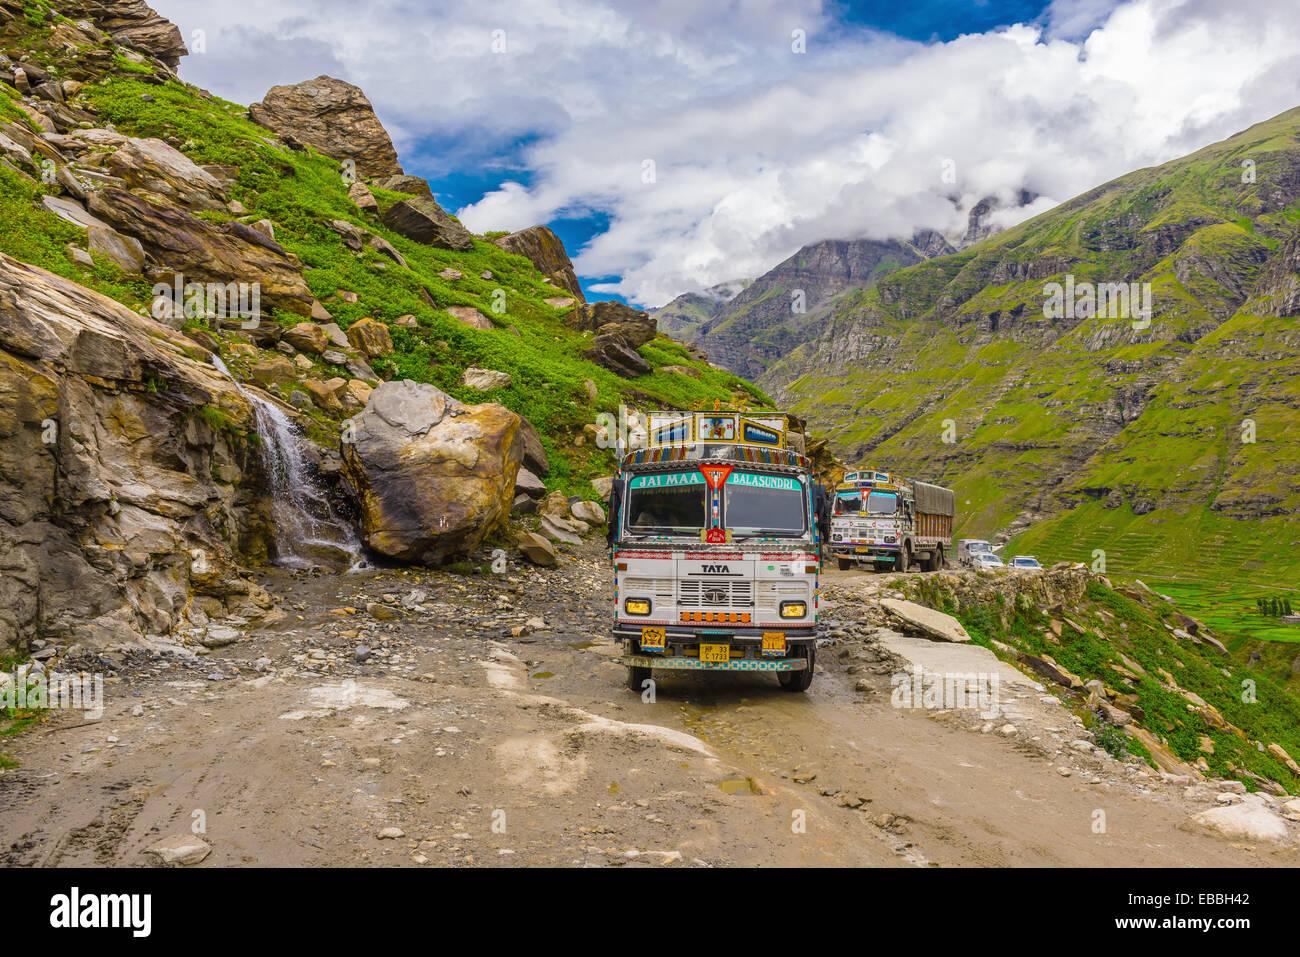 Asia 13 imágenes en color de nube conectar pie autopista Himachal Pradesh Himalaya India lahaul Leh-Manali Imagen De Stock